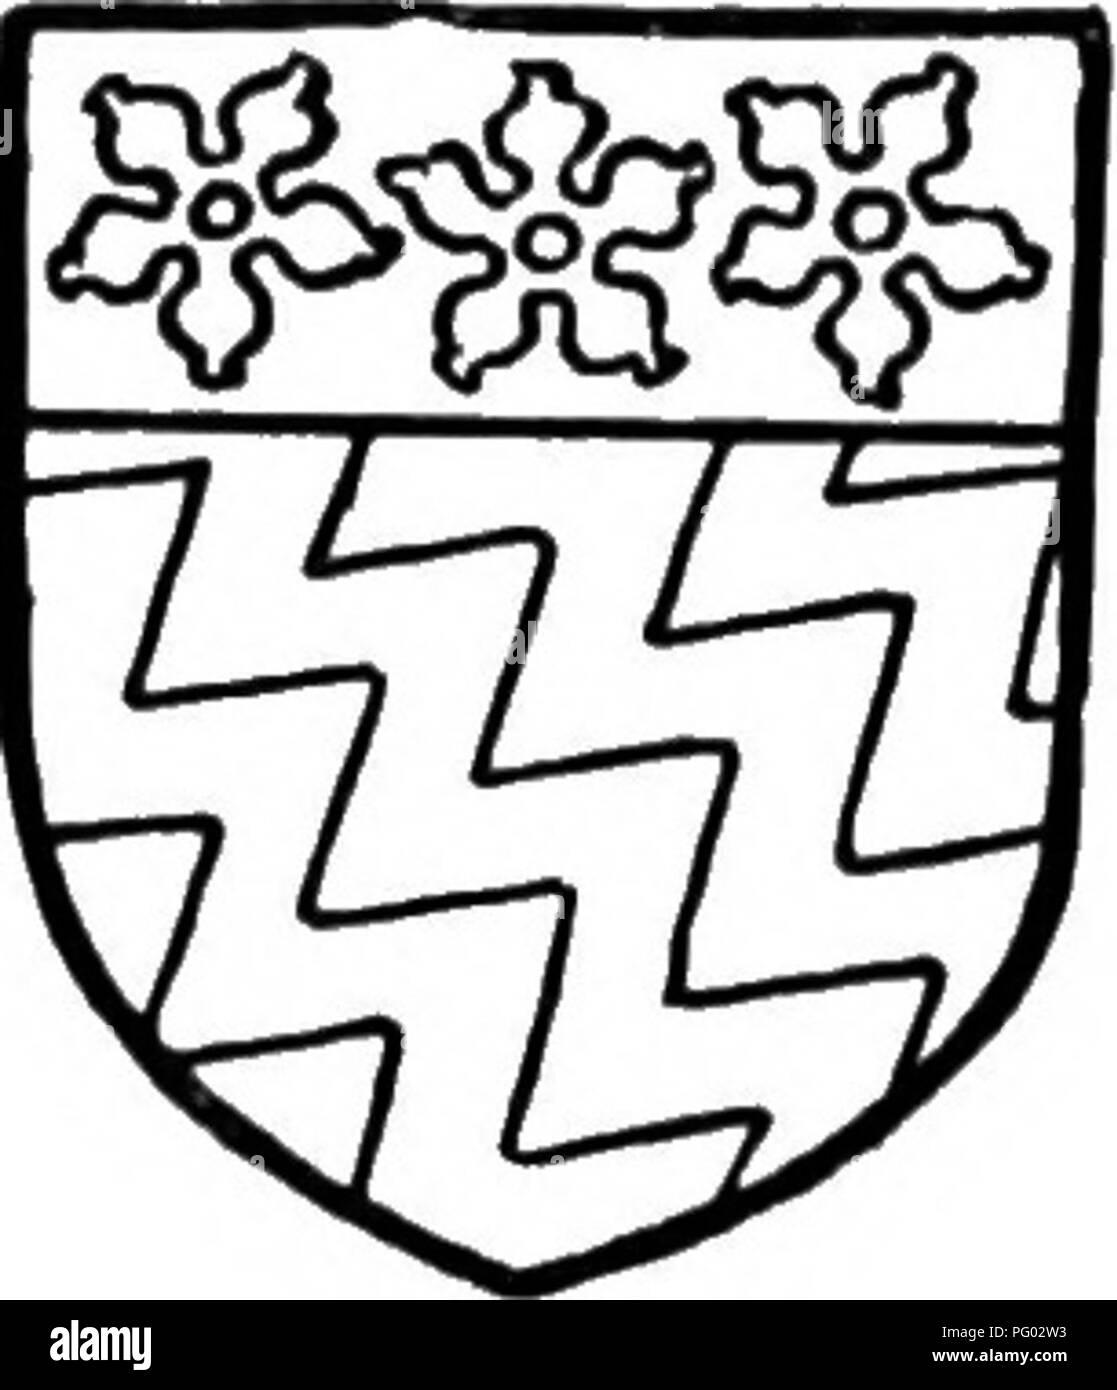 . L'histoire de Victoria du comté de Lancaster;. L'histoire naturelle. Ferrers de Grobjr. De gueules à sept cr mascles. domiciliation la troisième p.irt (d'une quatrième partie) et la troisième partie des deux tiers d'une quatrième partie de la tour de l'Chorlcy, dans lequel vere l 2 acres de terres arables nf (lo;.) et 2 hectares de prairie (FID), d'une valeur lo/. id. par an; la libre locataires rendus 3/. 3a'., les locataires de burgages 10/., les locataires à vie 4/. (&Gt;^d., et les locataires à volonté 27/^z. d. L'ensemble est tenu de Thomas Fleming et illiam de Lea, seigneurs de Croston, par les chevaliers' ser^'ice et un loyer de 2/. ()D. Au même ti Photo Stock